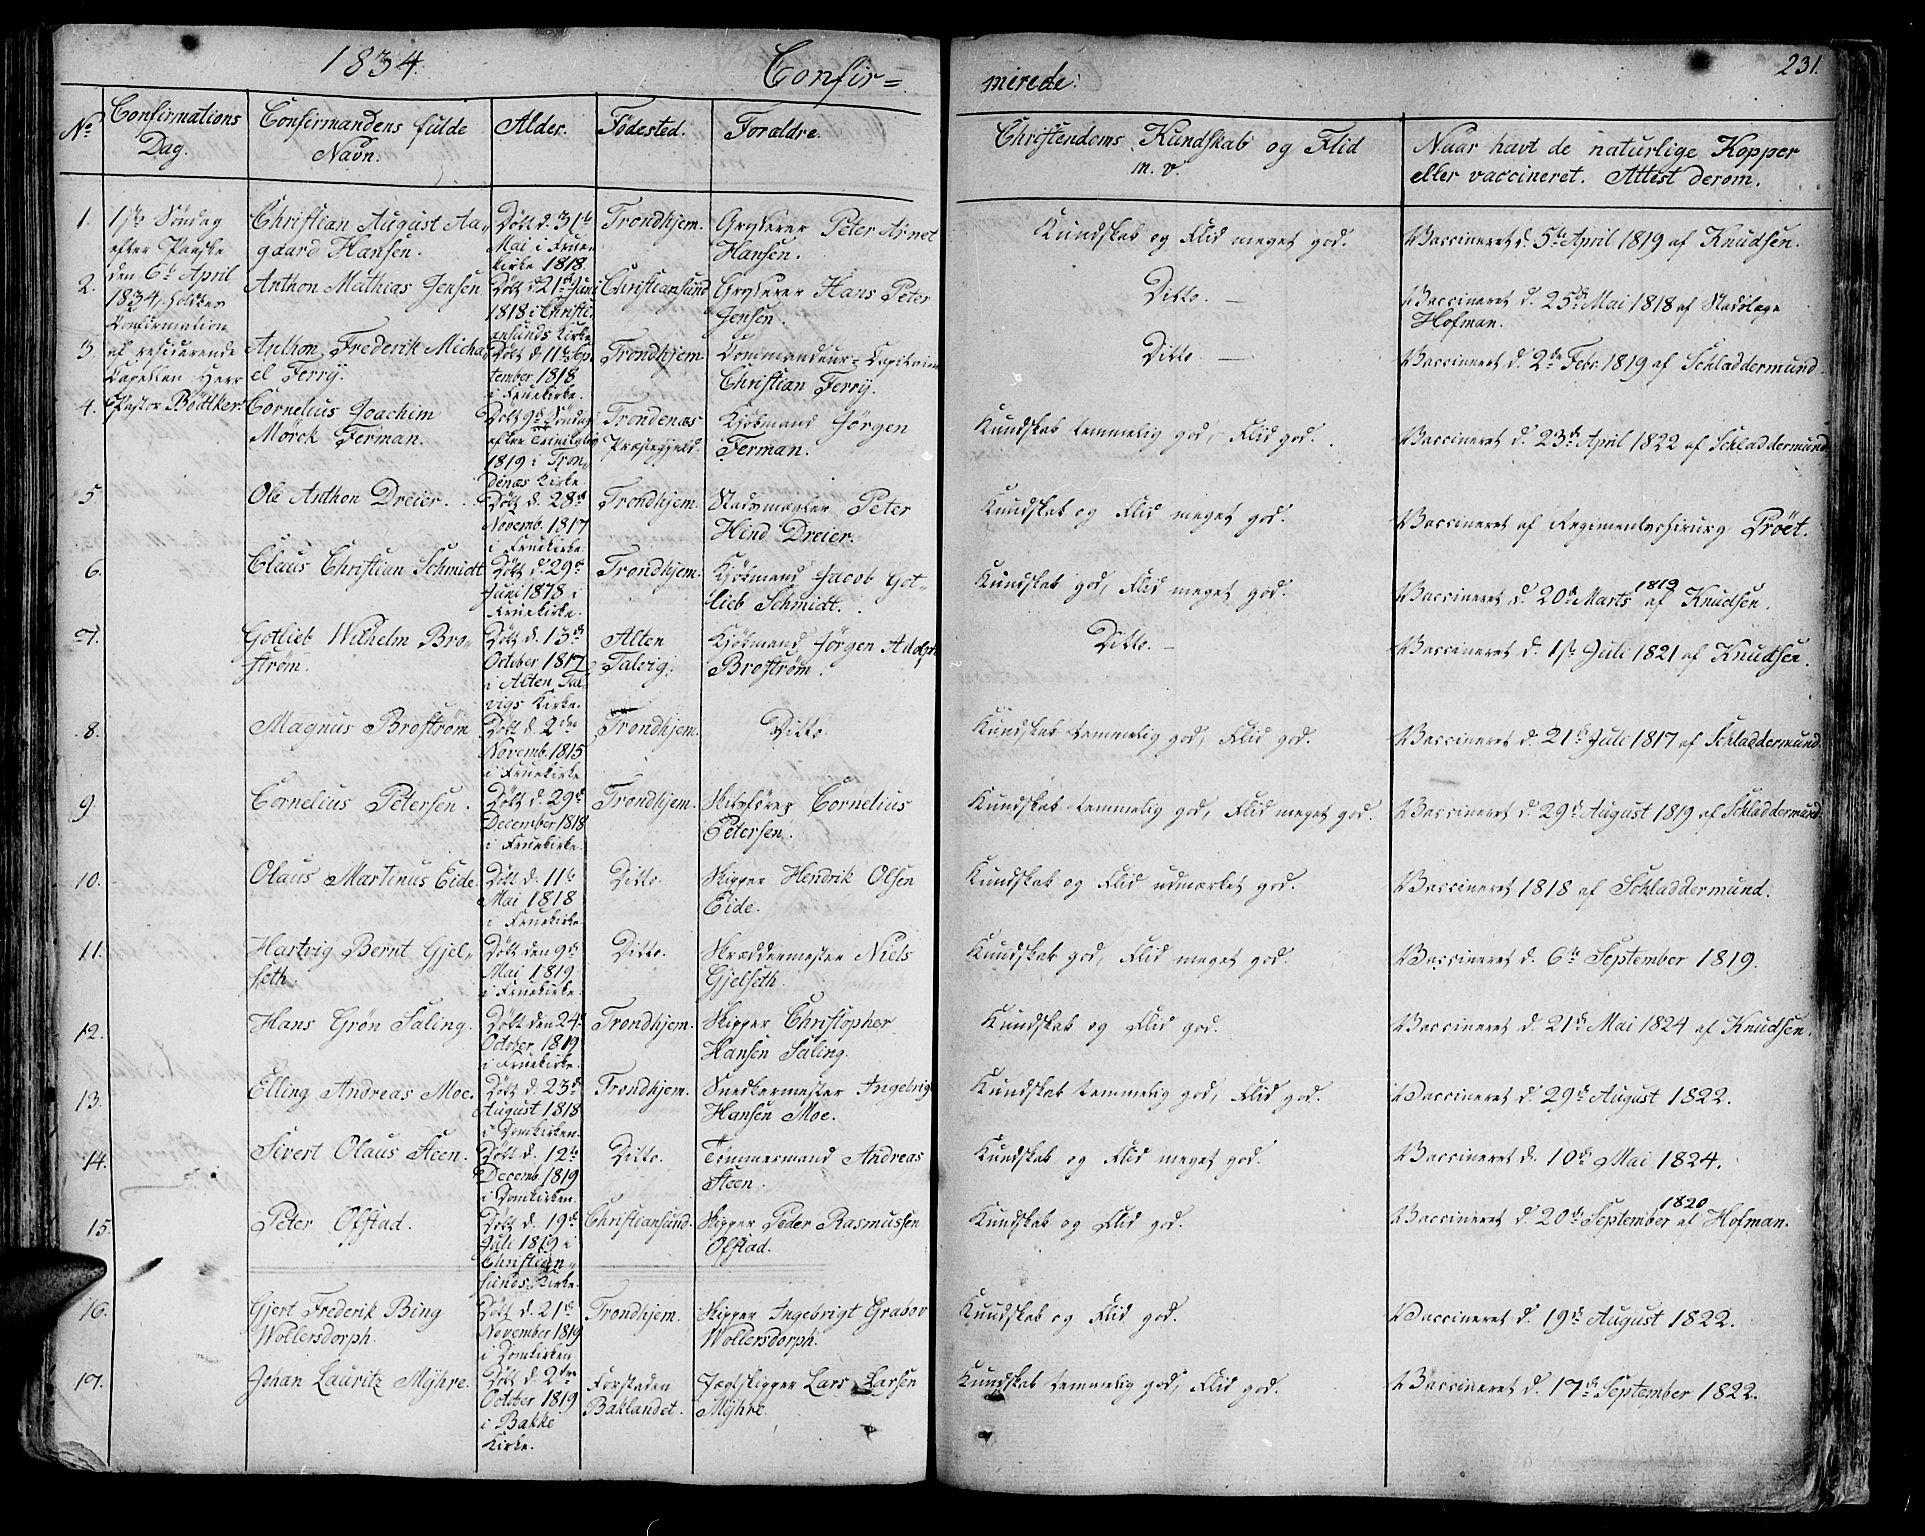 SAT, Ministerialprotokoller, klokkerbøker og fødselsregistre - Sør-Trøndelag, 602/L0108: Ministerialbok nr. 602A06, 1821-1839, s. 231